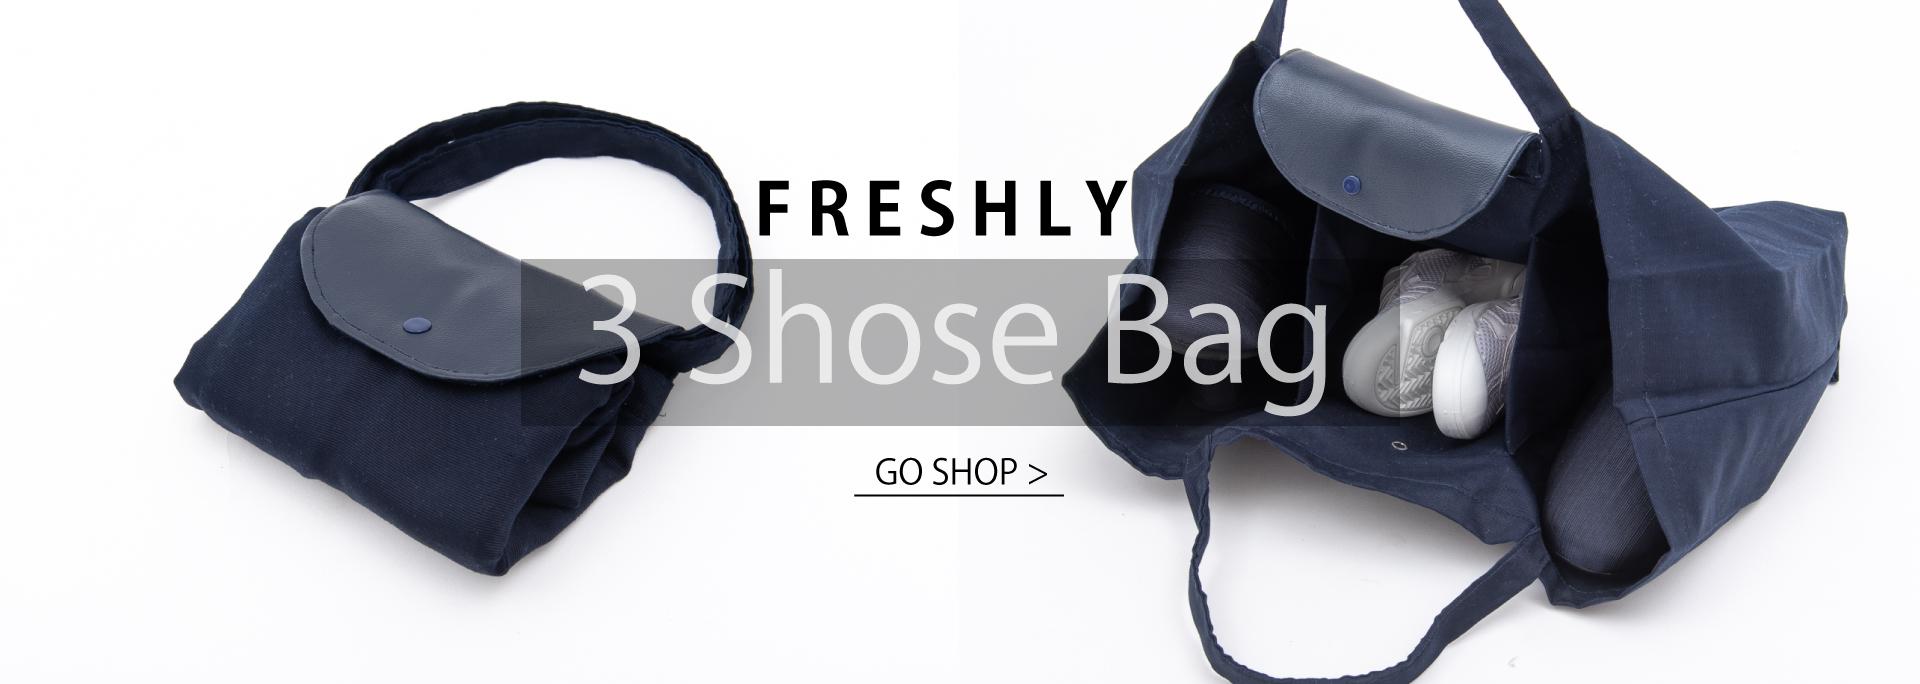 FRESHLY 3 Shoes Bag 3シューズバッグ